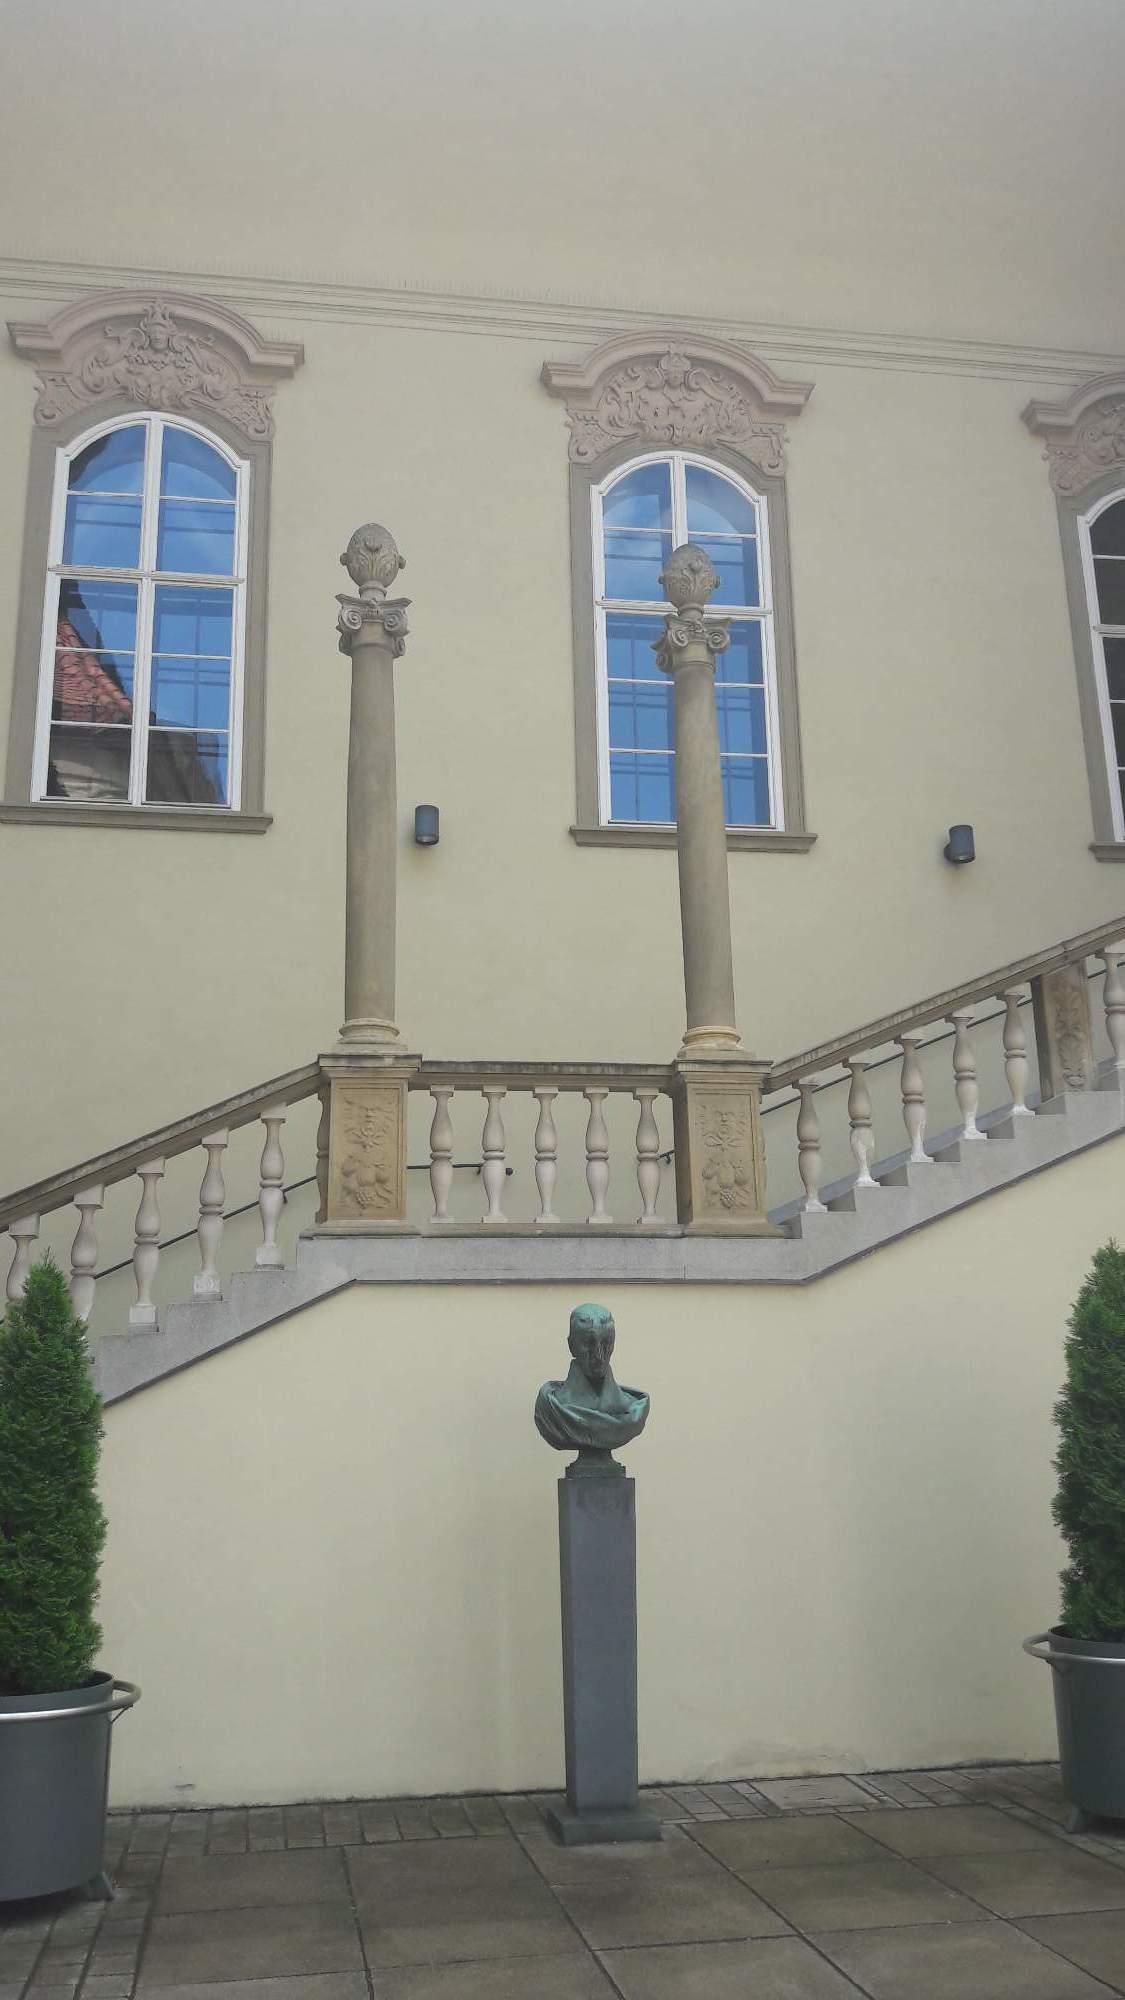 Šalamounovy sloupy na renesančním schodišti do sálu dnešní Nové radnice. FOTO: Tereza Hálová